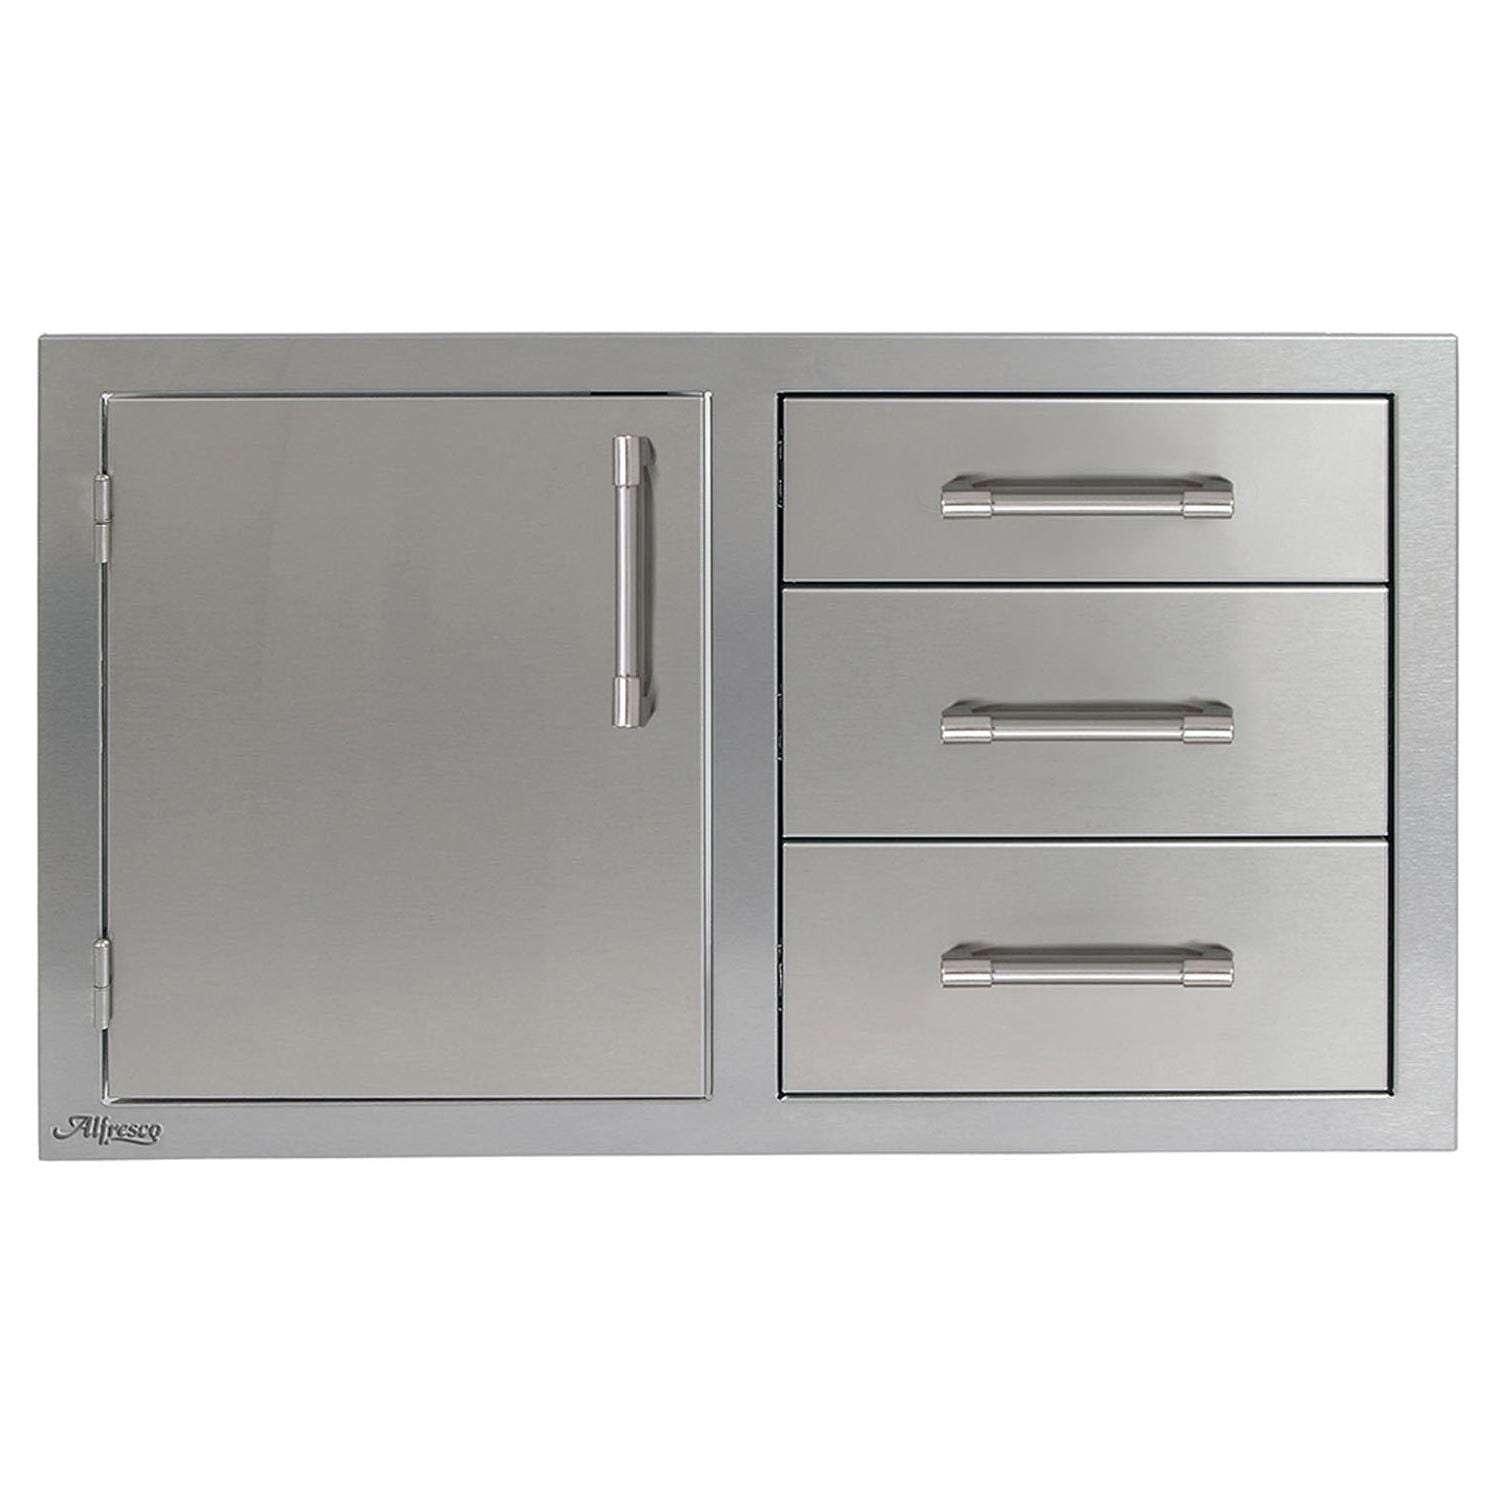 Alfresco 32-Inch Door and Triple Drawer Combo